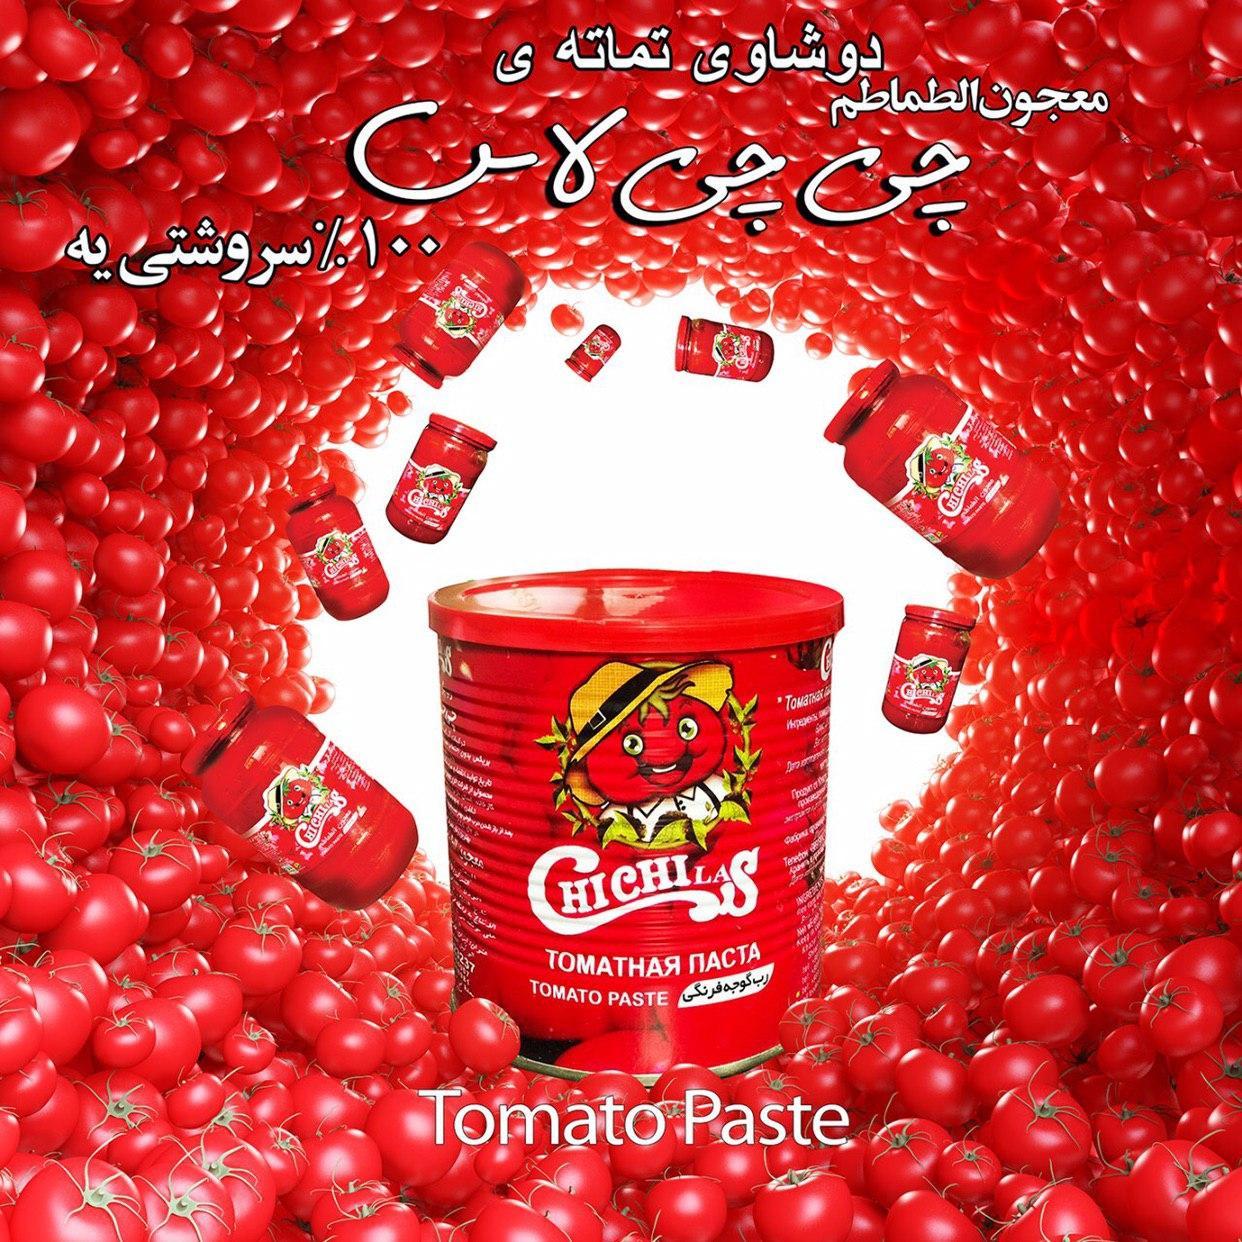 رب گوجه فرنگی محبوب تولید شرکت خزر عصاره وارنا